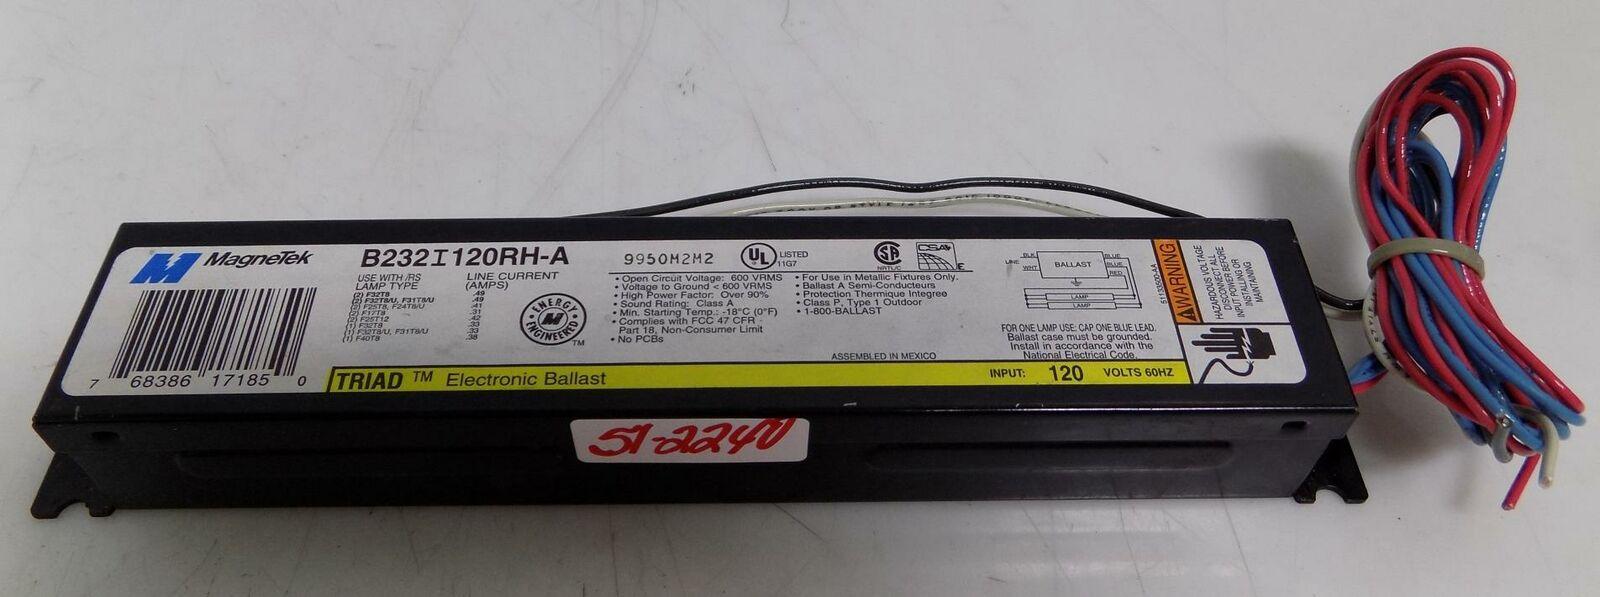 Triad B232I120RH-A 2-Lamp Electronic Ballast 4-Piece Deal